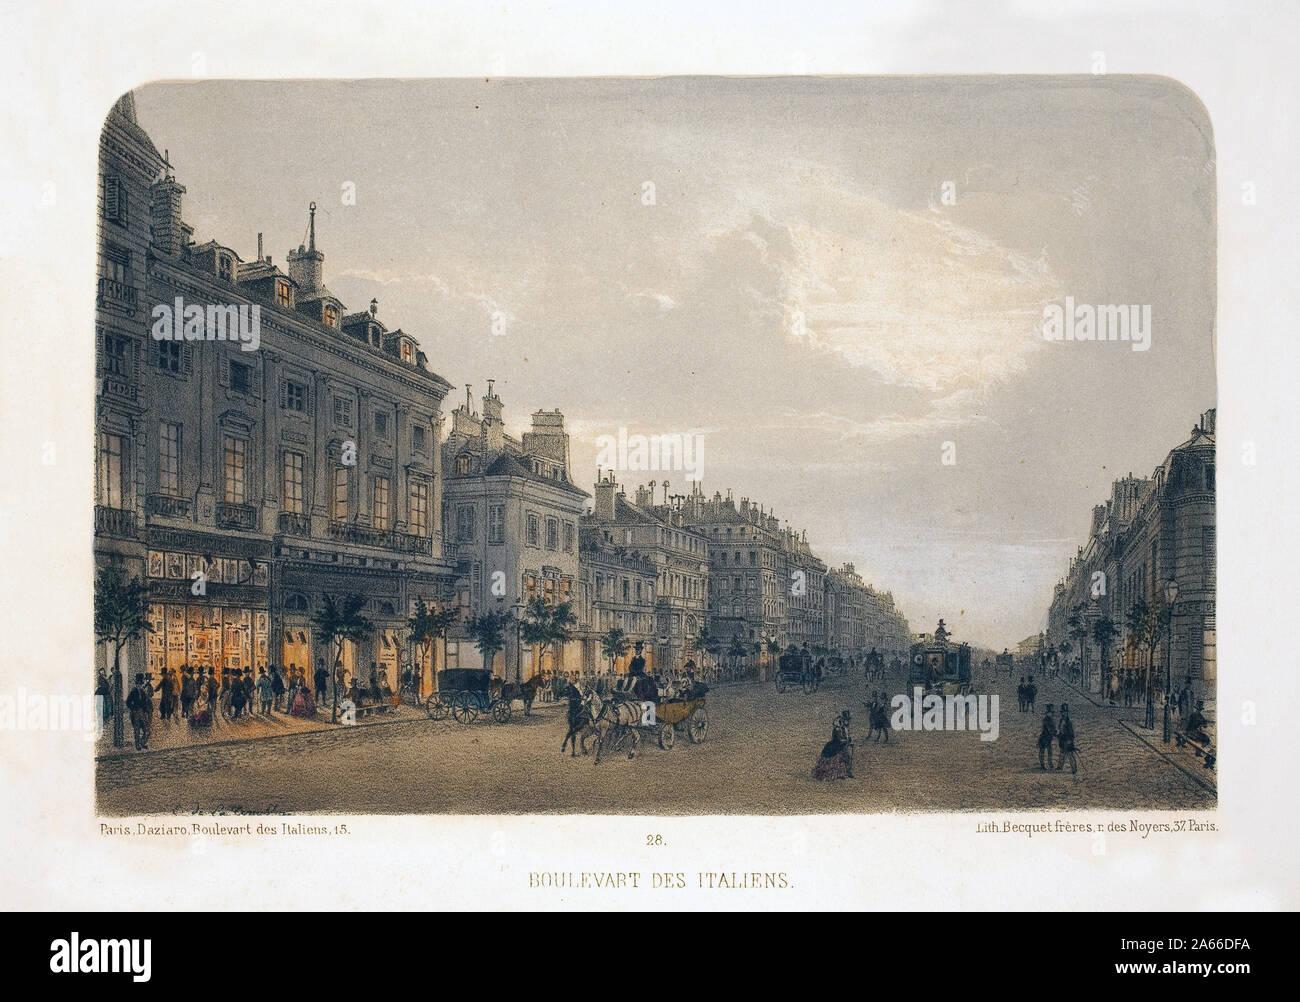 Boulevard des Italiens, Paris. Lithographie aquarellee, illustration de F.de la Tramblaiz, dans 'Album, souvenirs de Paris' Daziaro, Editeur, Paris, 188 Banque D'Images